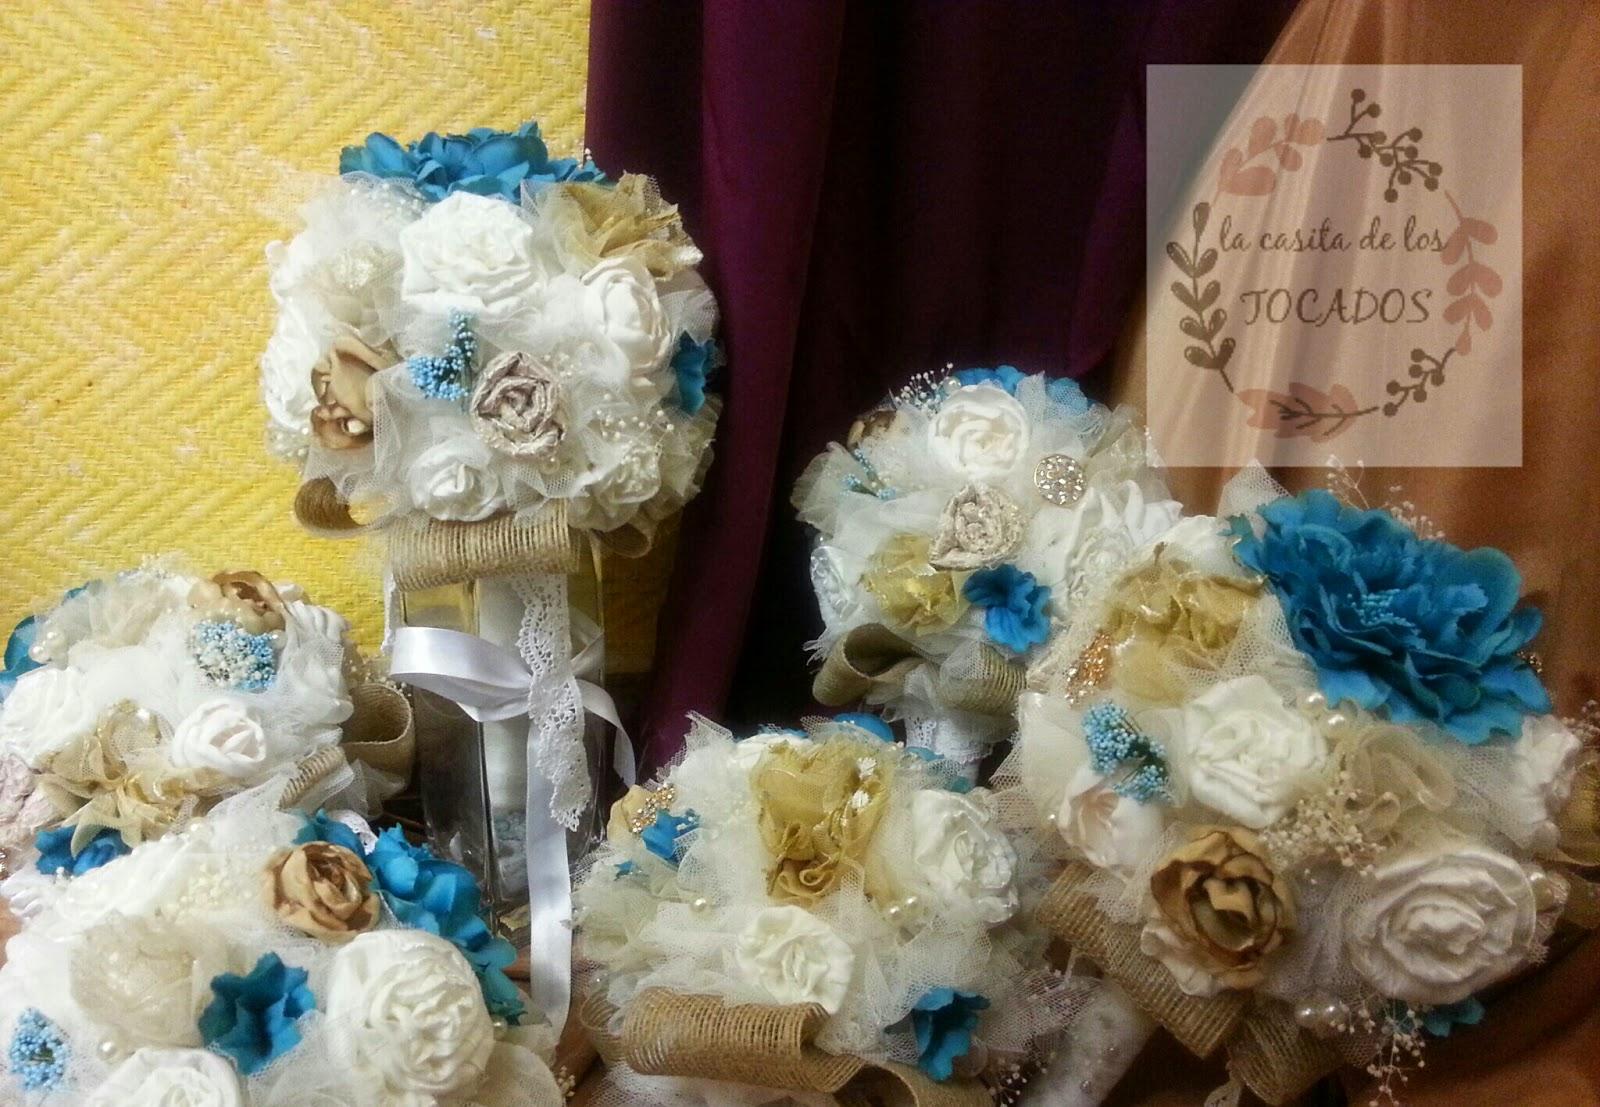 ramos para boda vintage con flores de tela, tul, flores secas, broches...